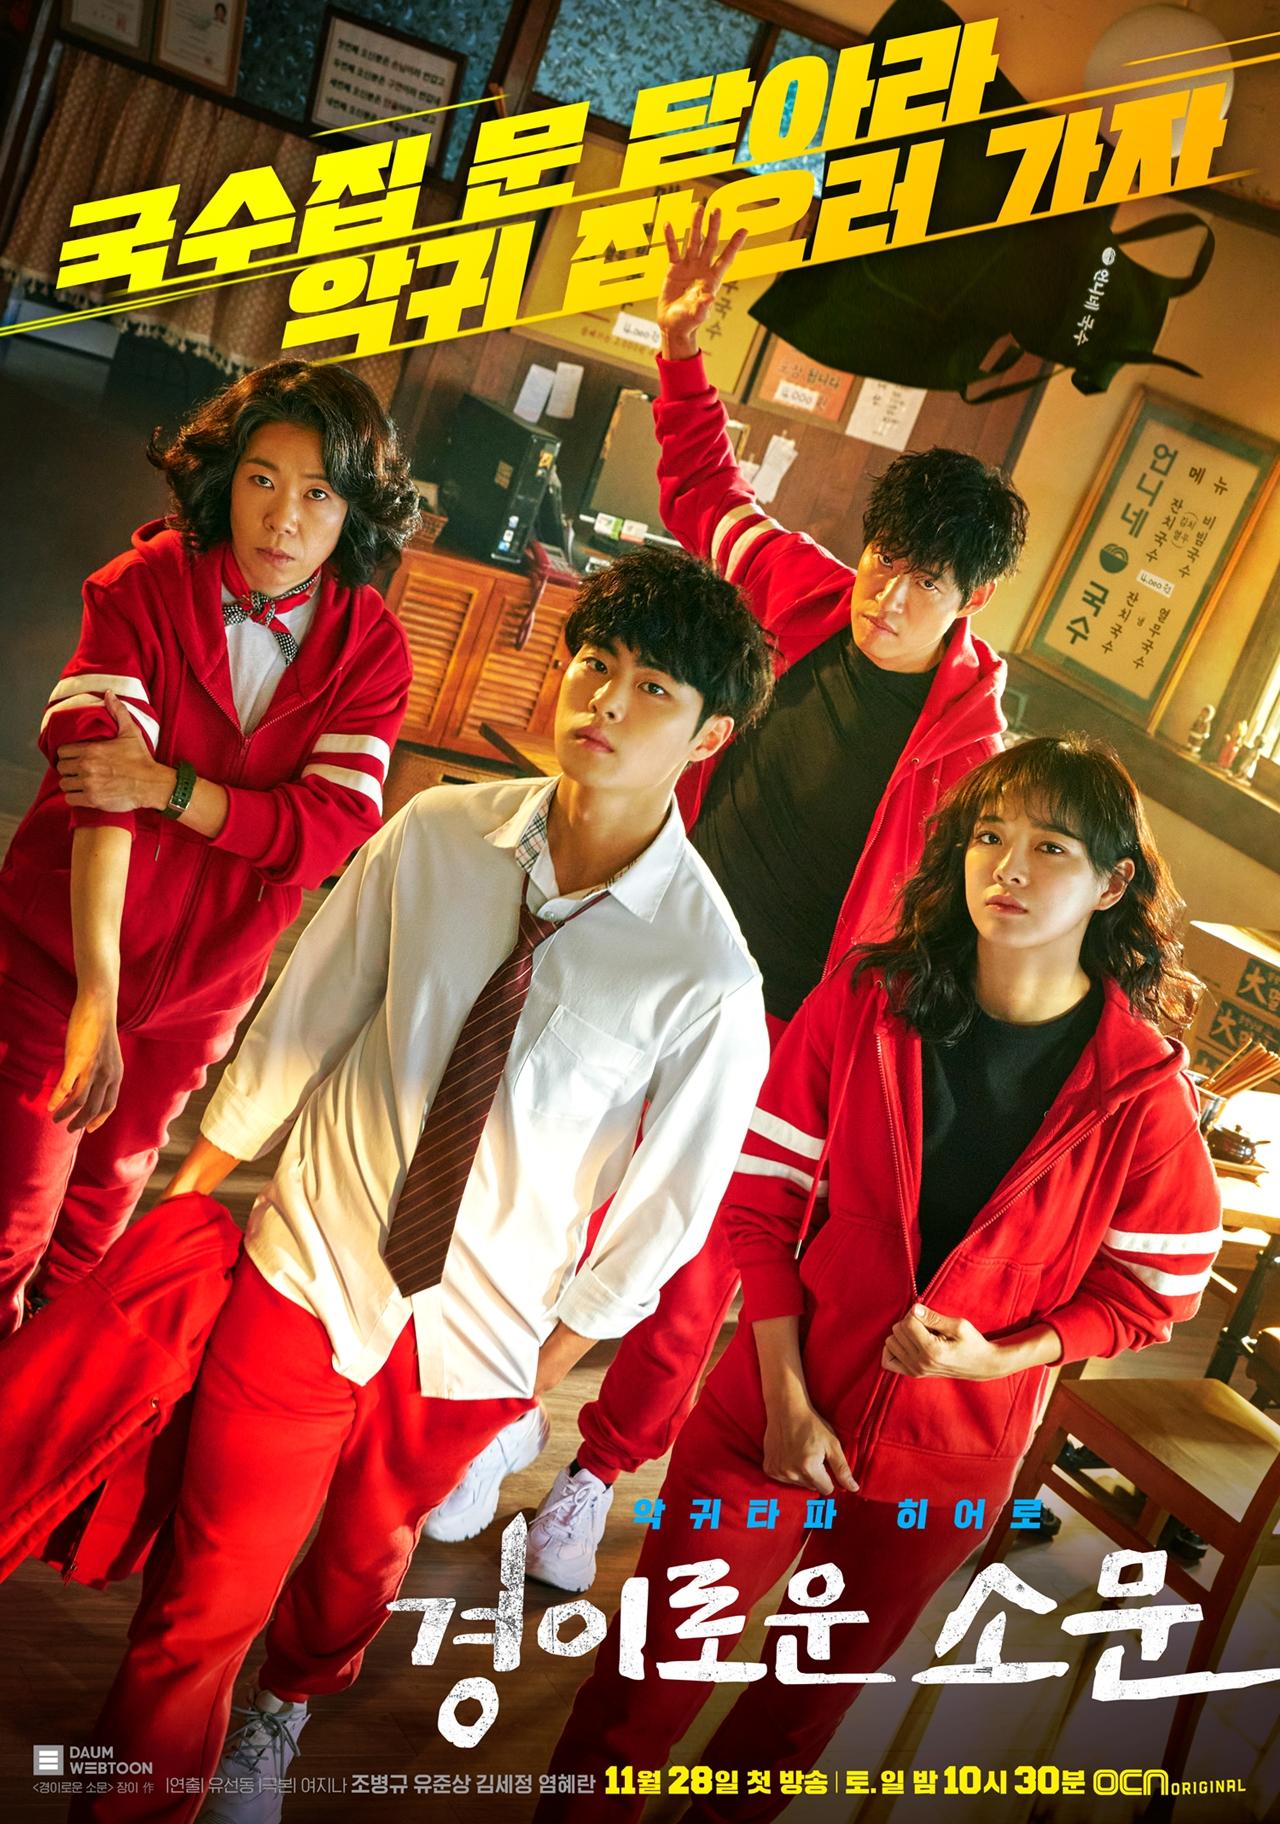 [단독] '경이로운 소문' 김진이CP, 스튜디오드래곤 떠나… 시즌2는 그대로 맡는다